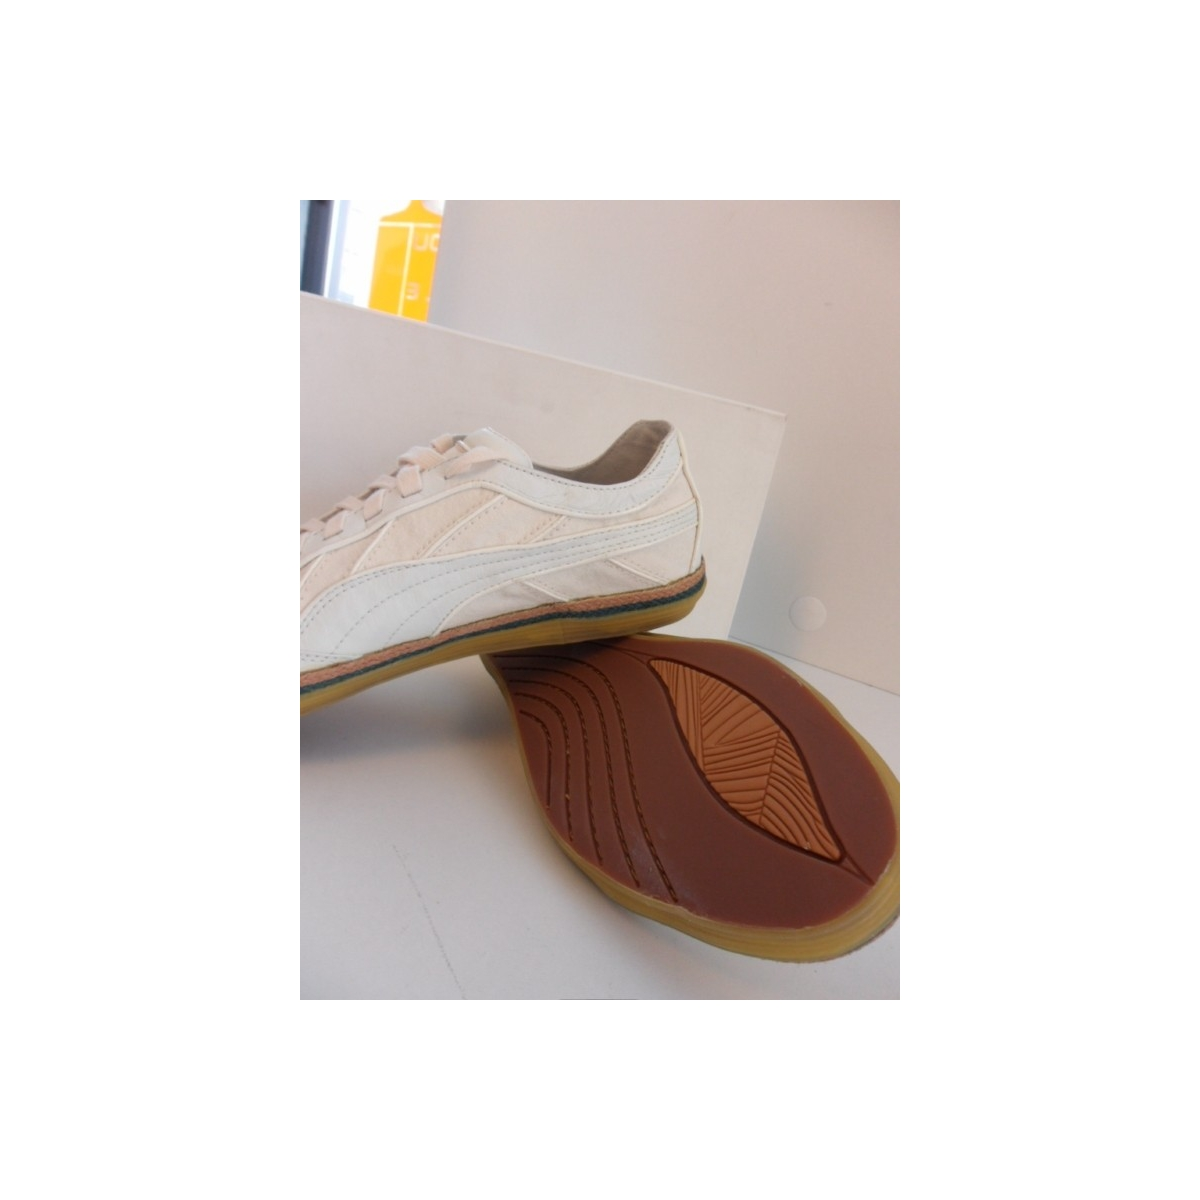 Billig gute Qualität Puma 2455DE Schuhe 2455DE Puma -60% e80e7b